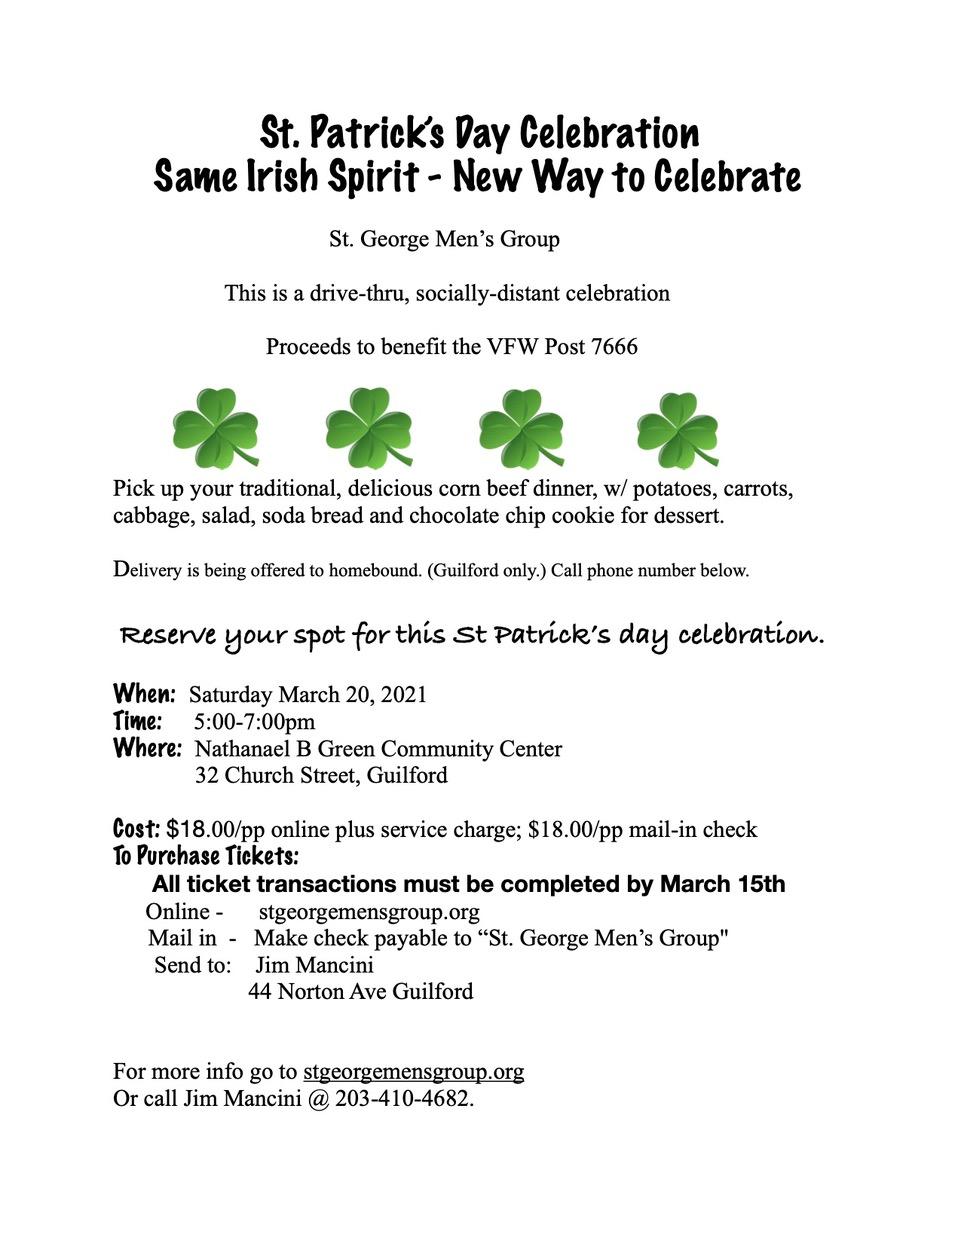 St Patrick's day flyer jpeg 2021